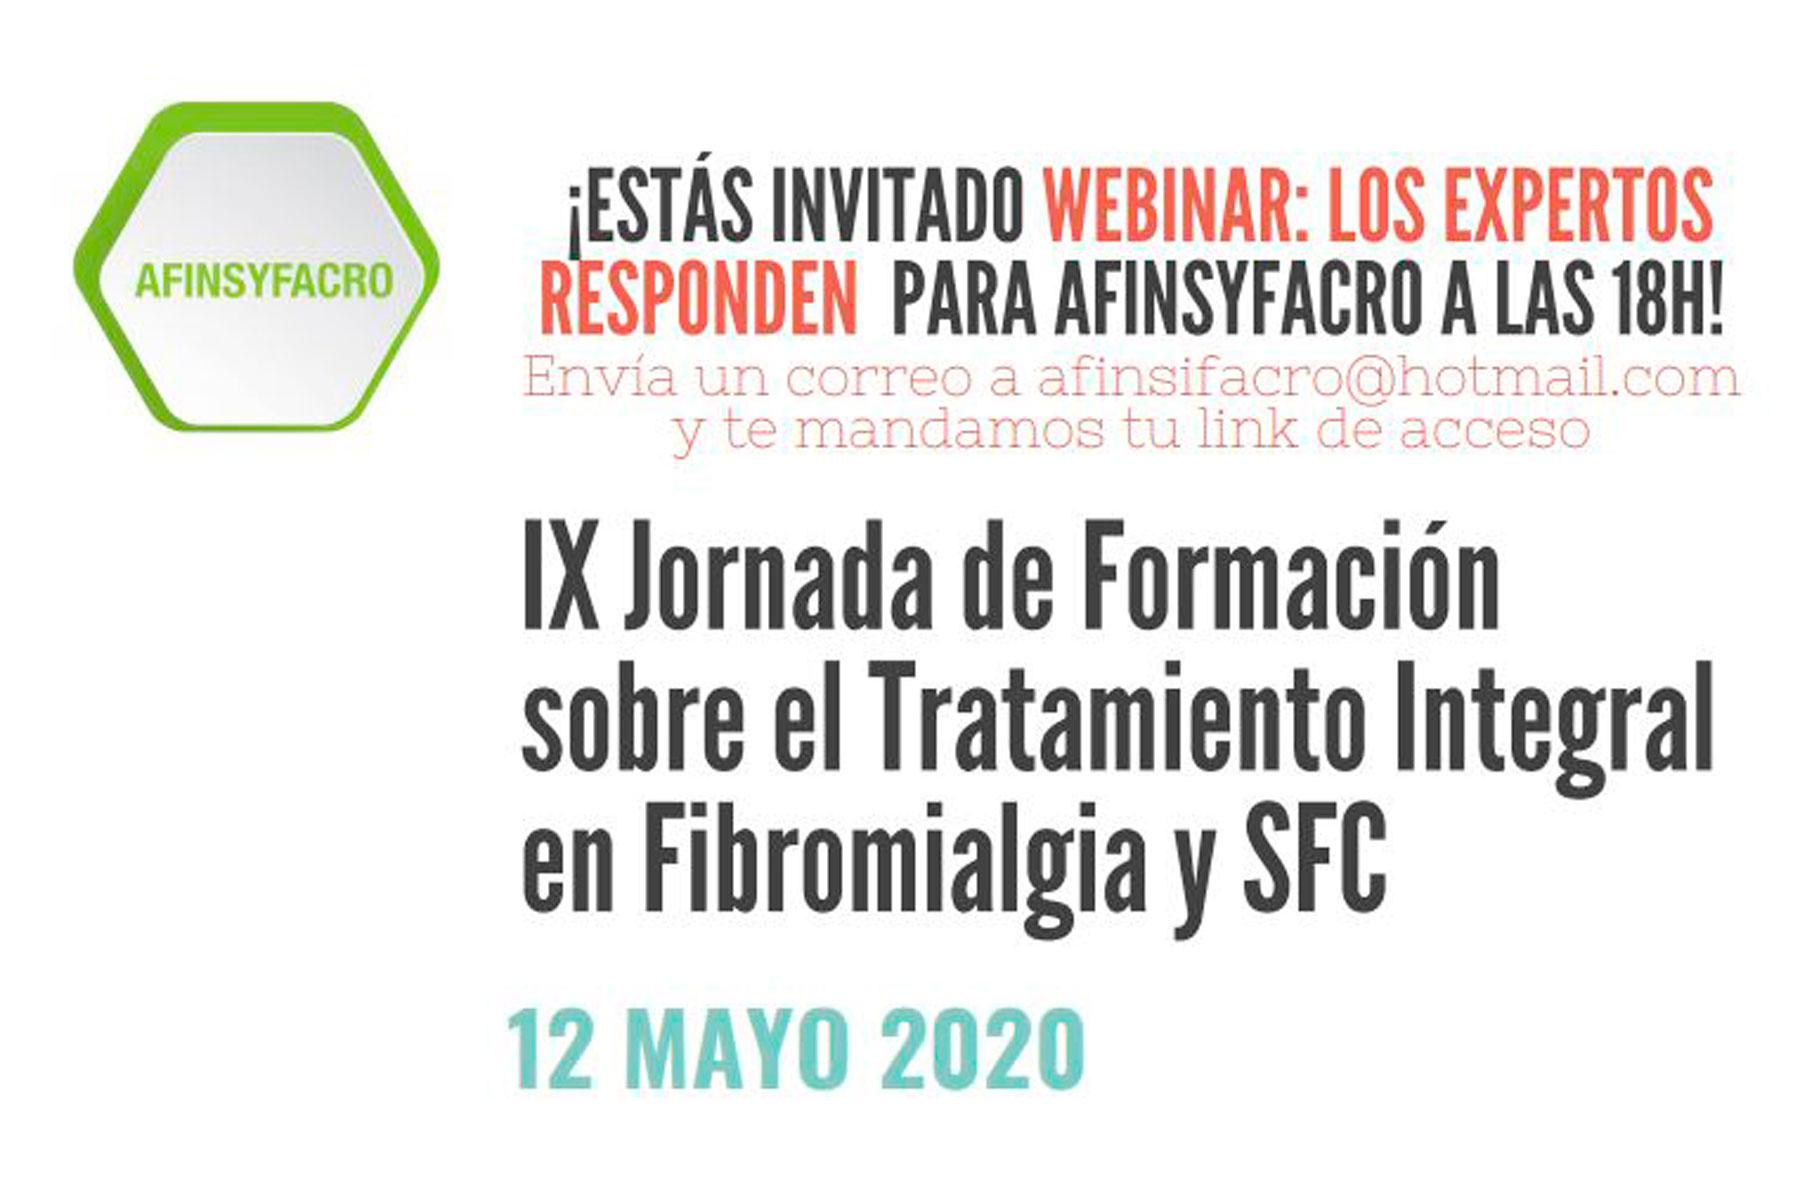 La cita será mañana 12 de mayo, a partir de las 18:00 horas, por vía telemática